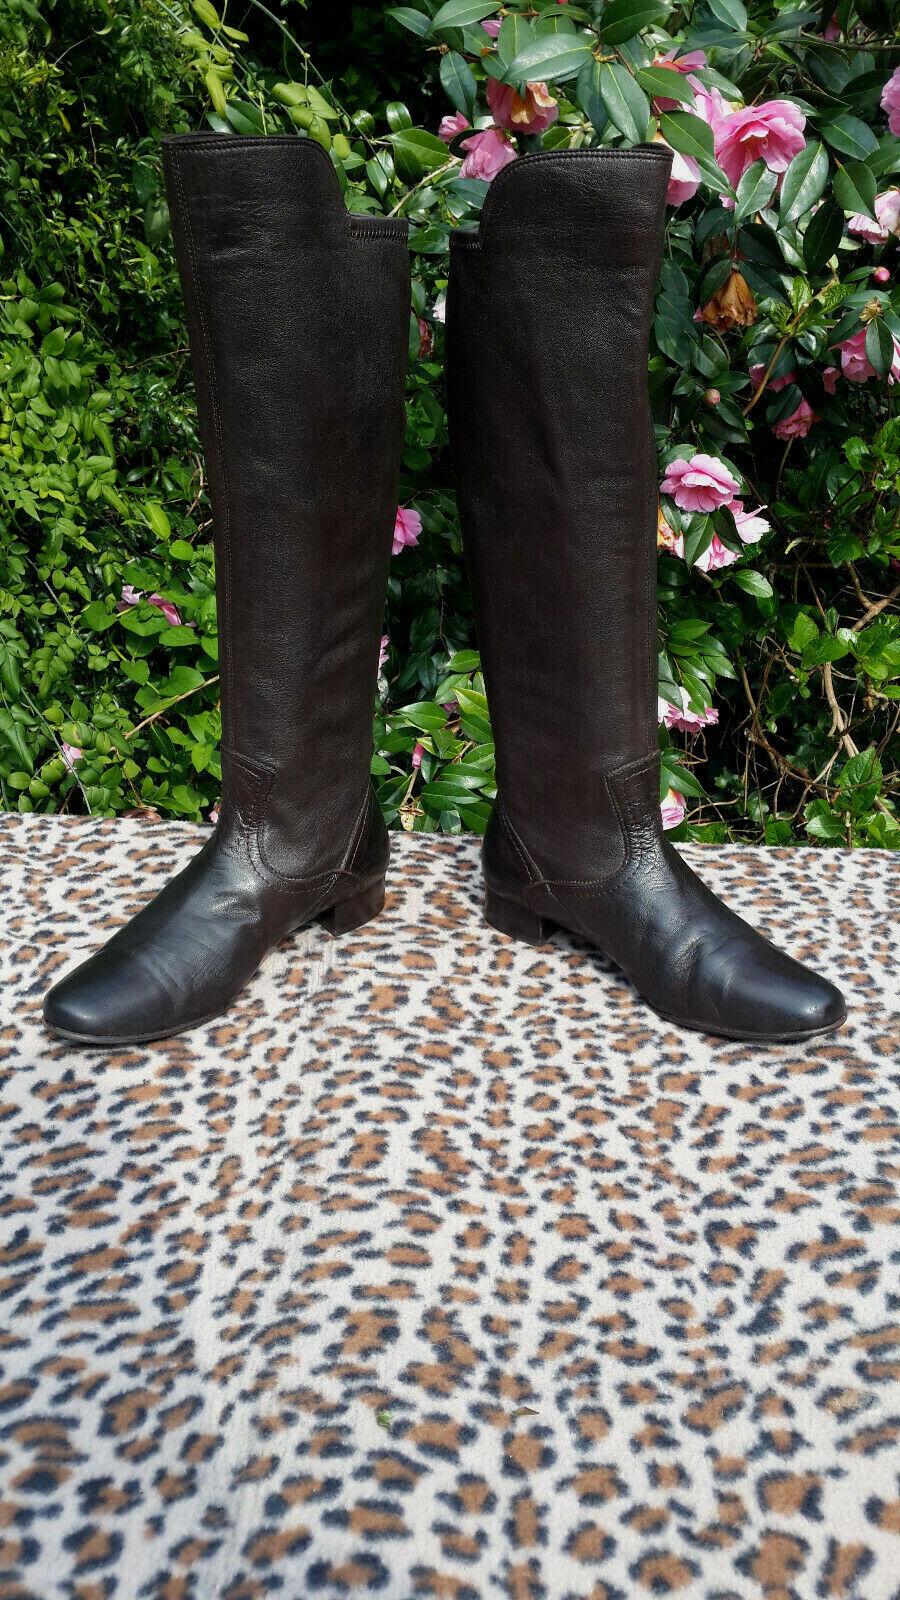 Maretto de cuero marrón y botas de estiramiento Hecho en Italia